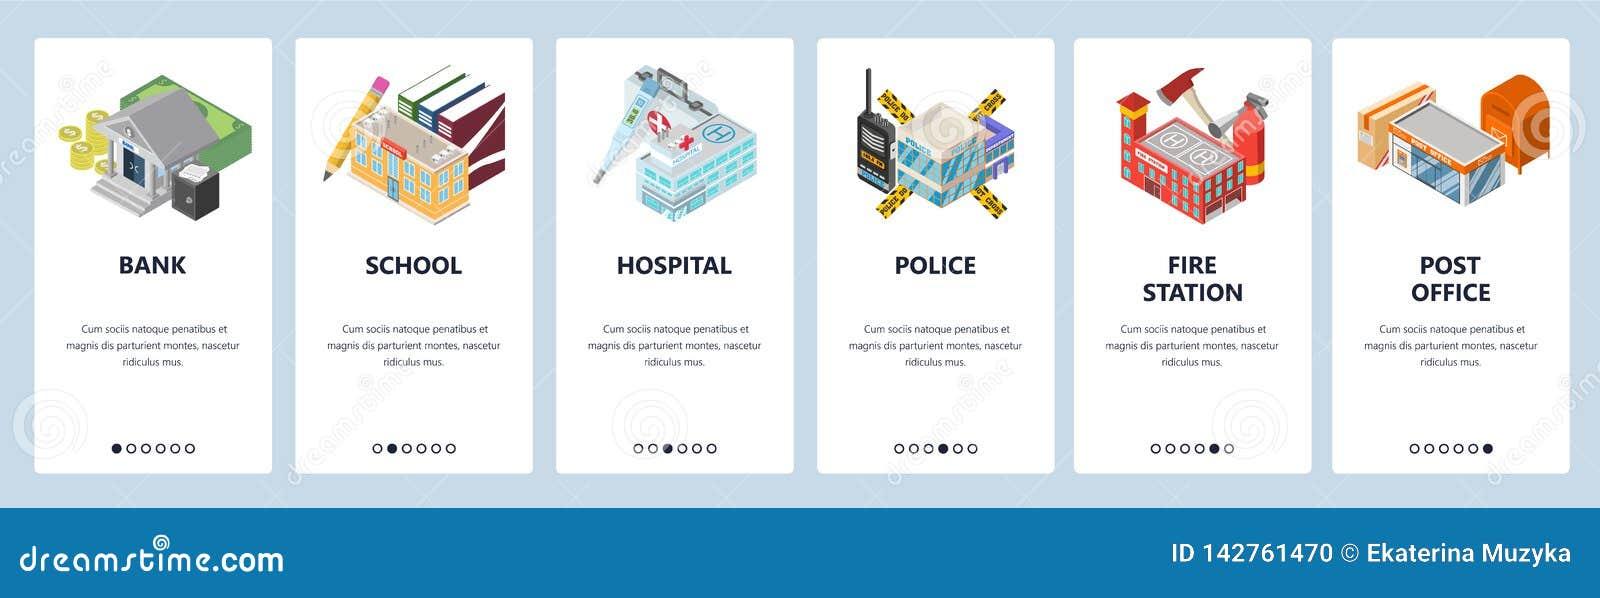 Κινητές app onboarding οθόνες Κτήρια πόλεων, τράπεζα, αστυνομία, νοσοκομείο, σχολείο, πυροσβεστικός σταθμός Διανυσματικό πρότυπο